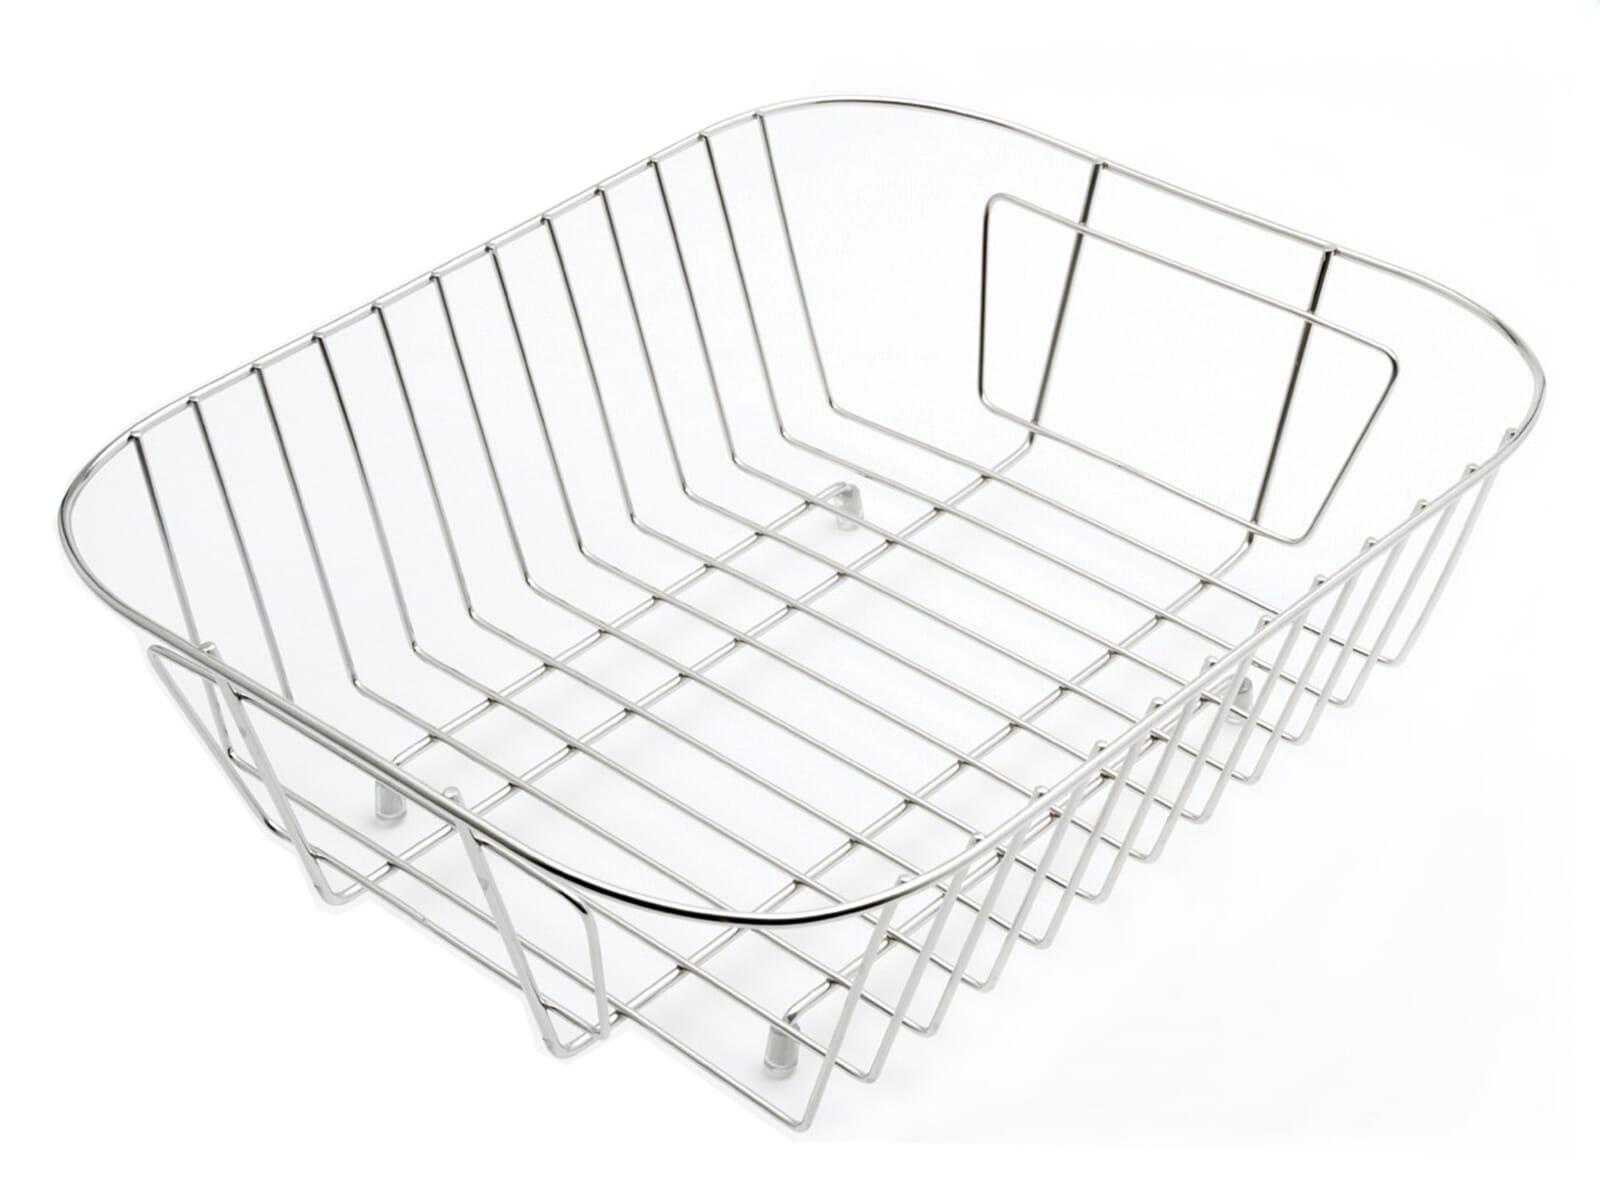 astracast geschirrkorb edelstahl f r 24 90 eur shop. Black Bedroom Furniture Sets. Home Design Ideas